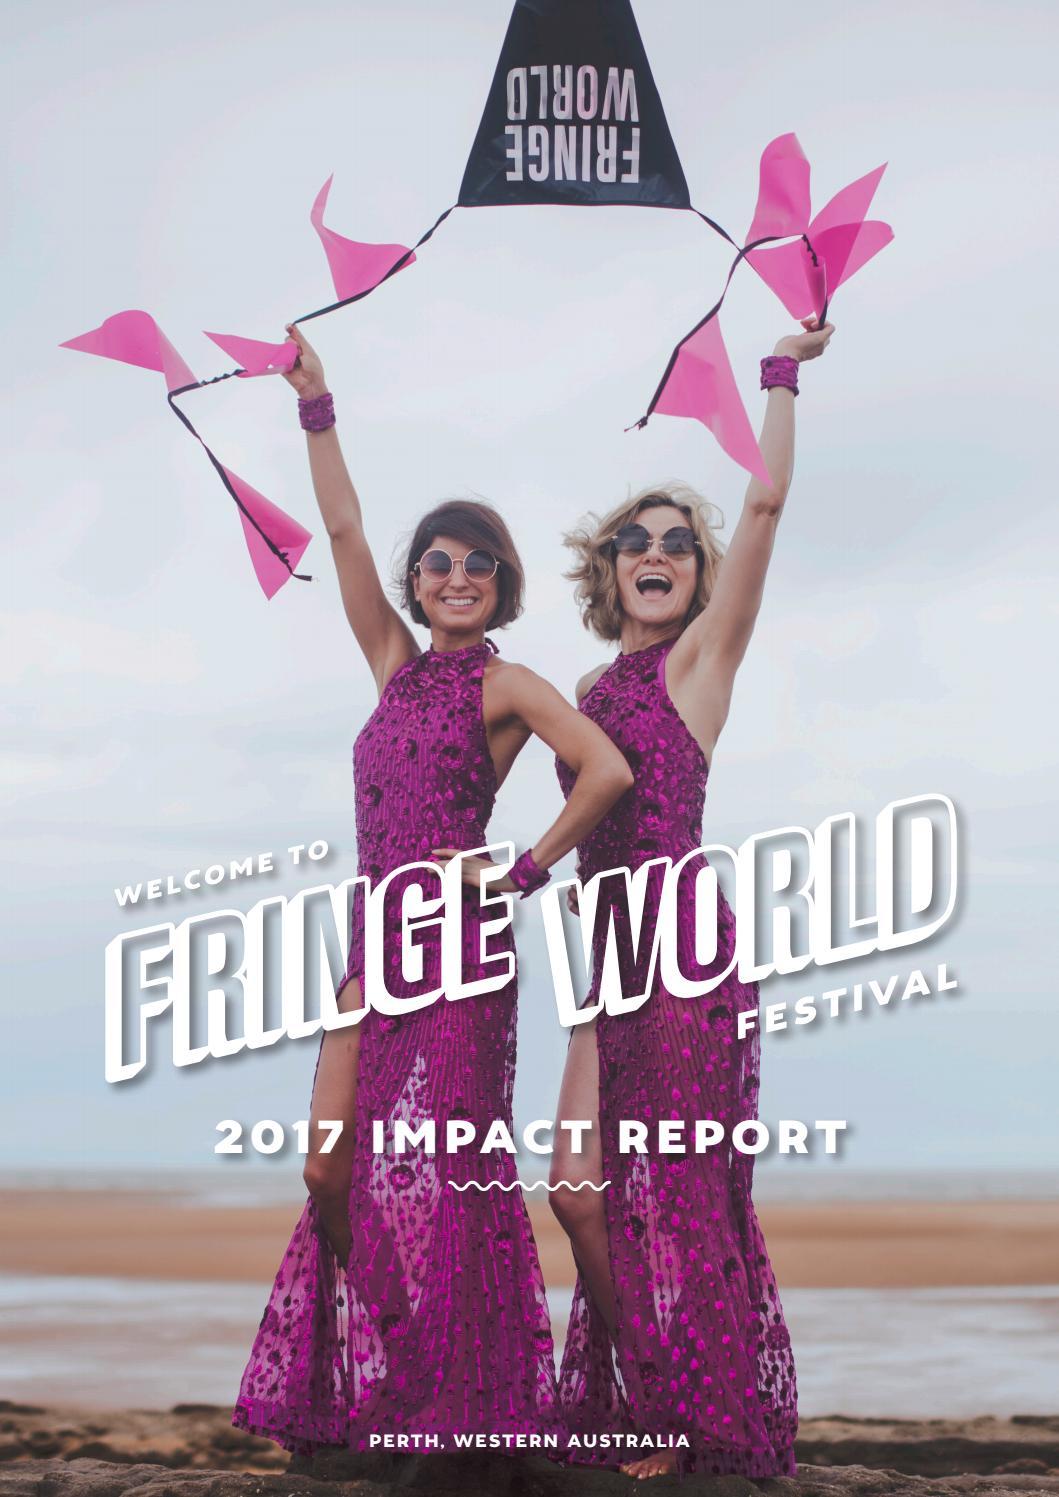 FRINGE WORLD Festival 2017 Impact Report by Fringe World